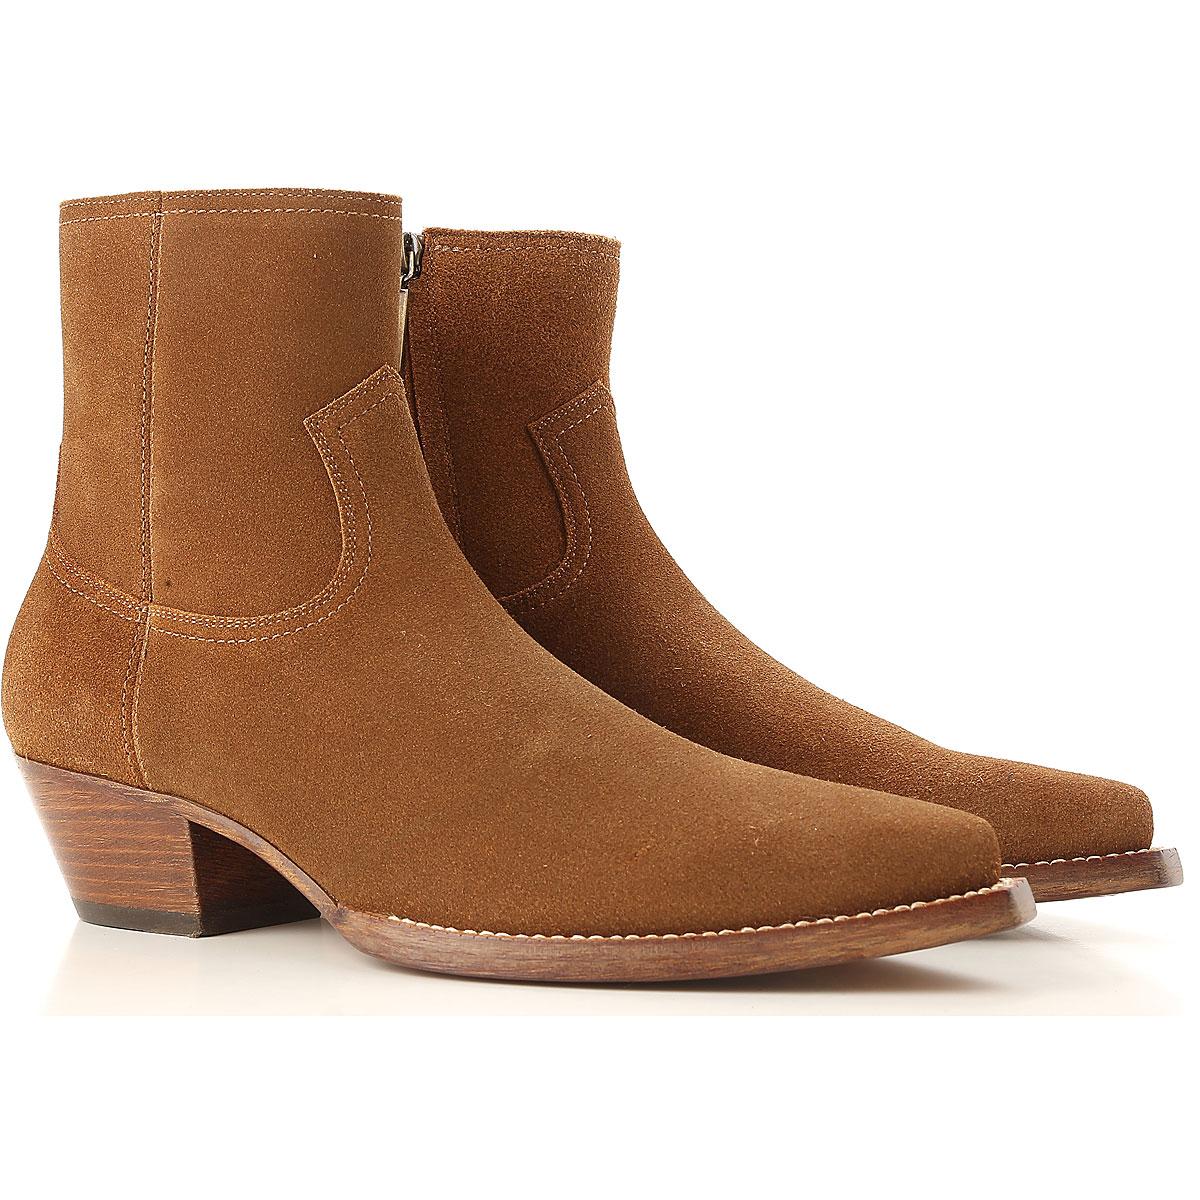 Image of Yves Saint Laurent Boots for Men, Booties, Beige, suede, 2017, 7.5 8 8.5